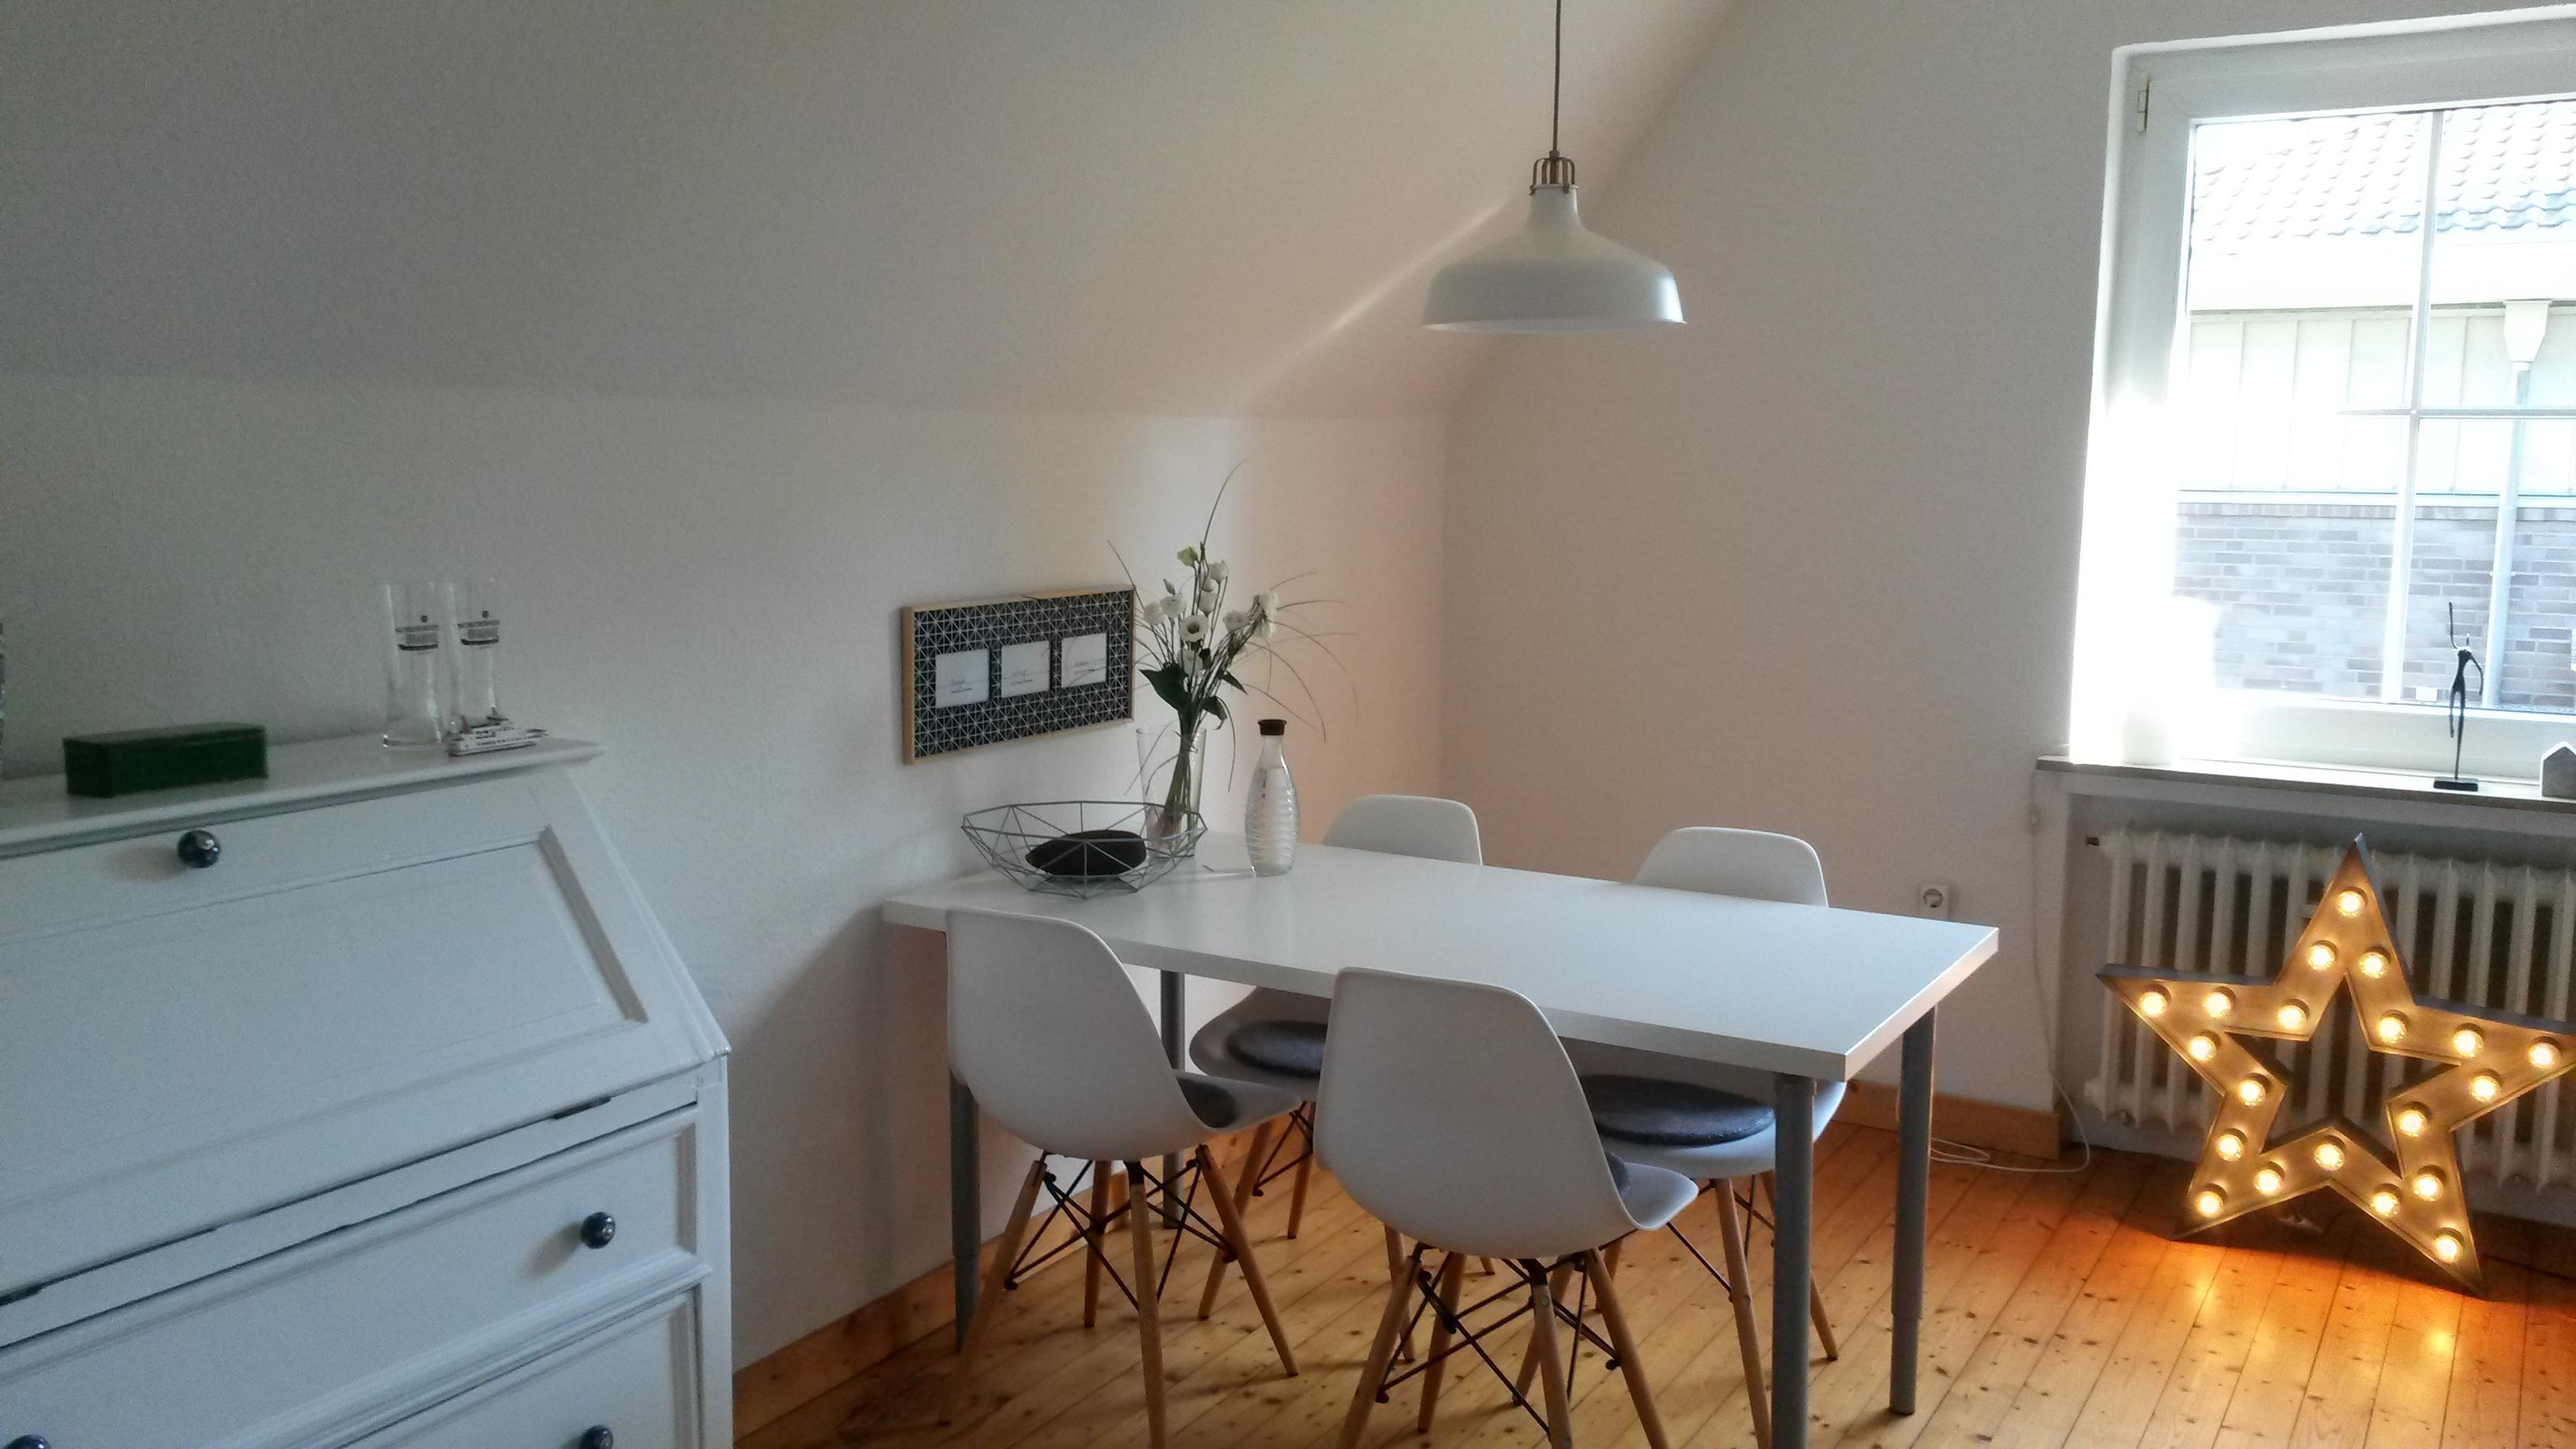 Wohnzimmer Altbau Minimalism Scandi